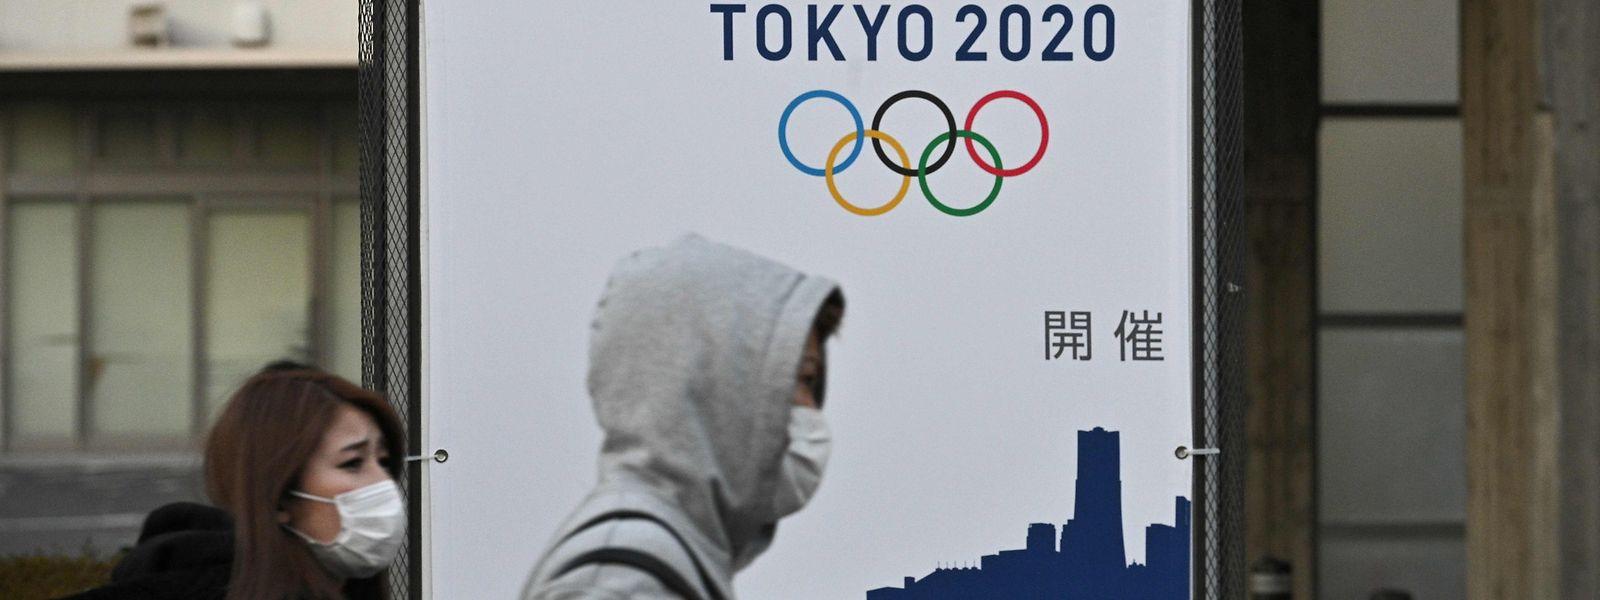 Le scepticisme grandit au Japon sur le maintien des Jeux dans le contexte de la pandémie de Covid-19